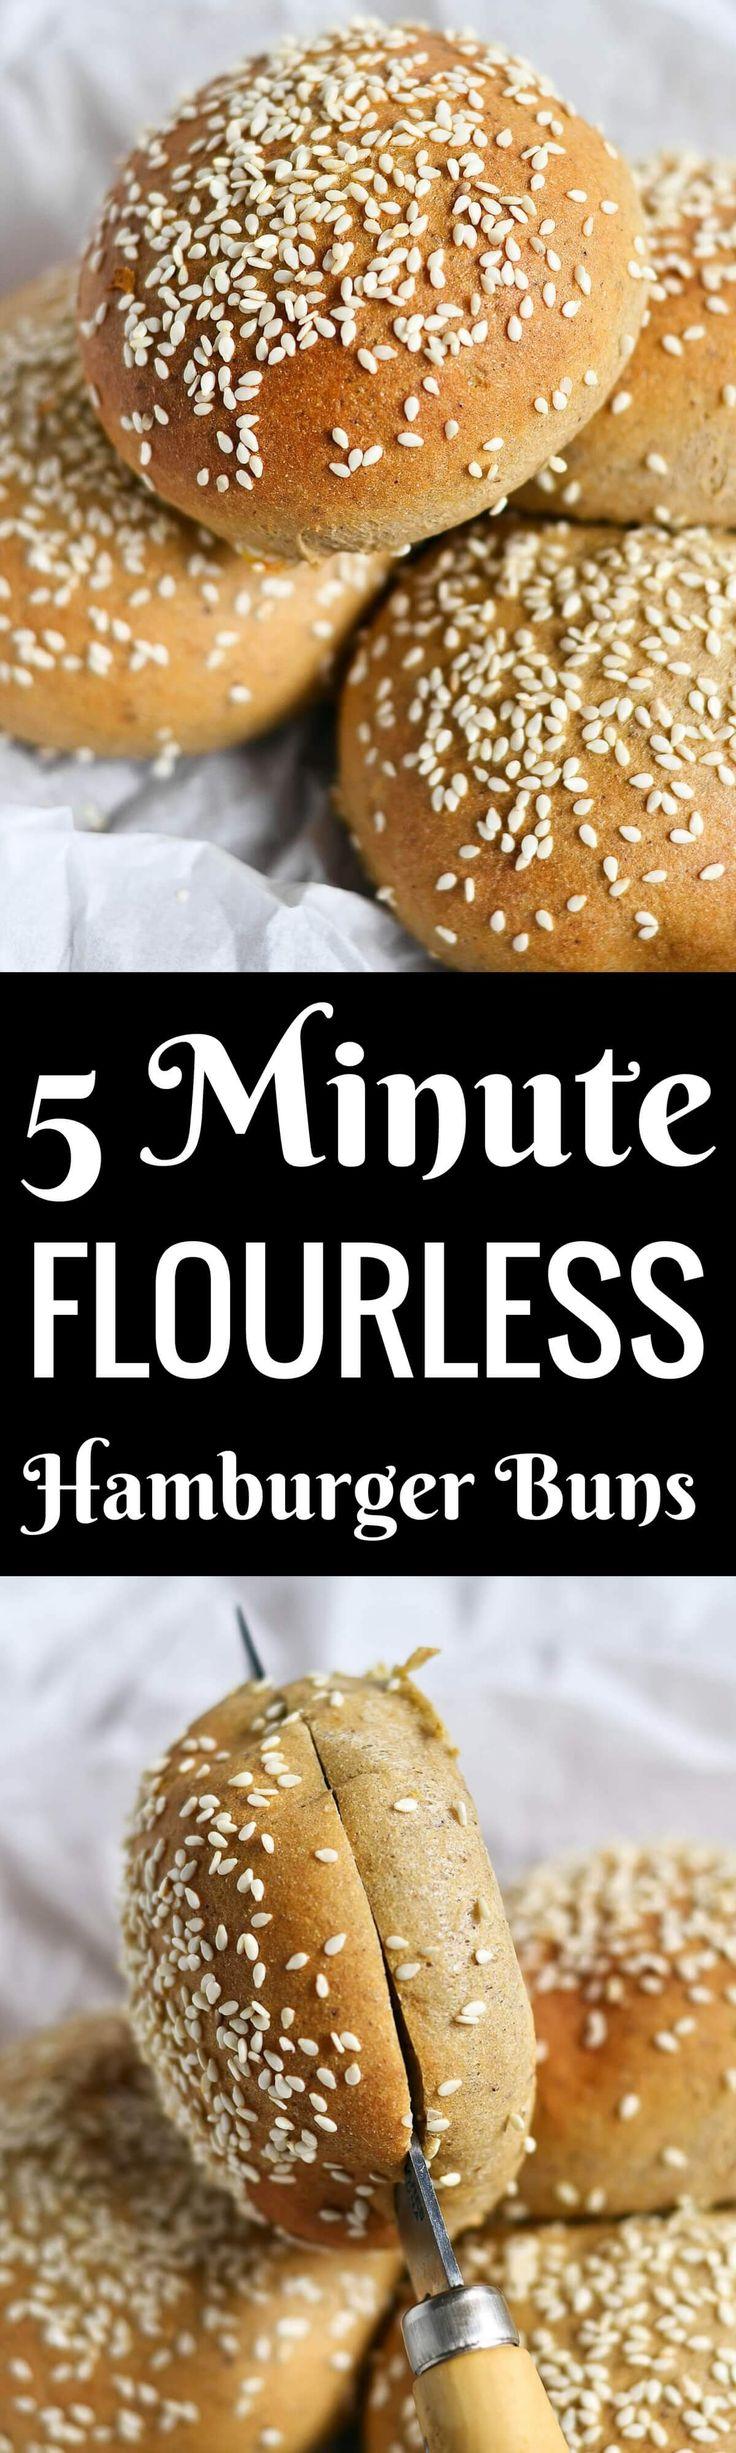 5 Minute Fluffy Flourless Hamburger buns: gluten free